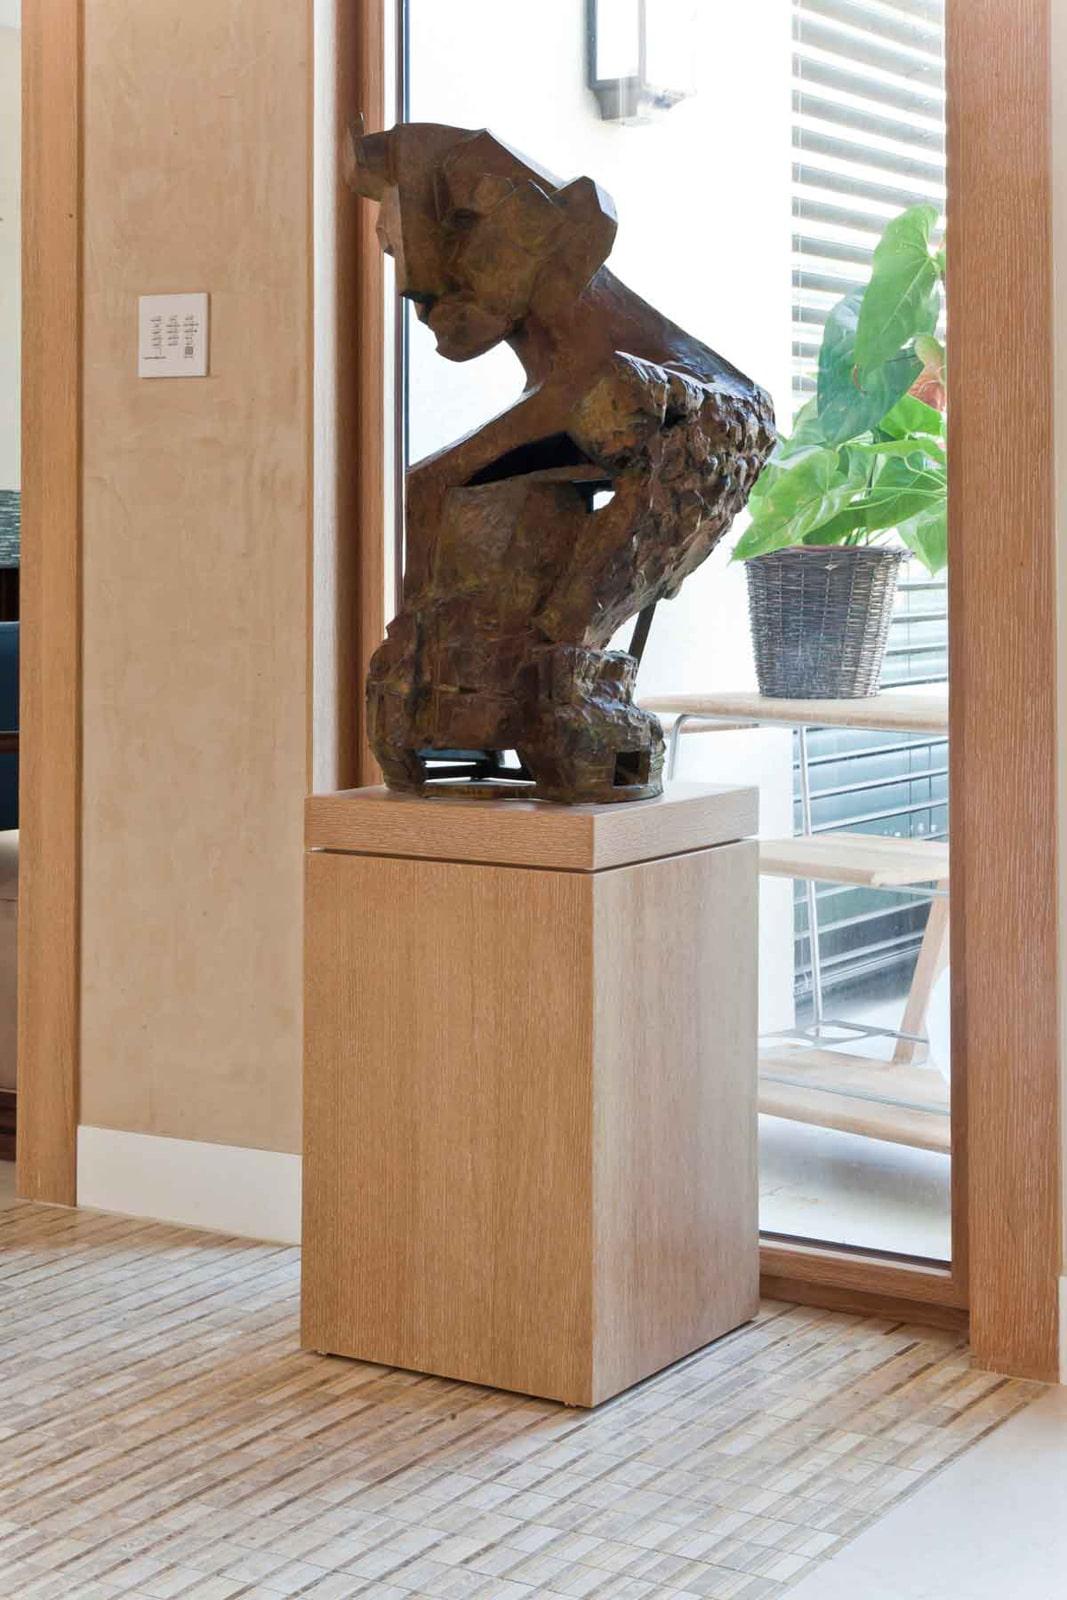 בסיס לפסל מעץ בנגרות